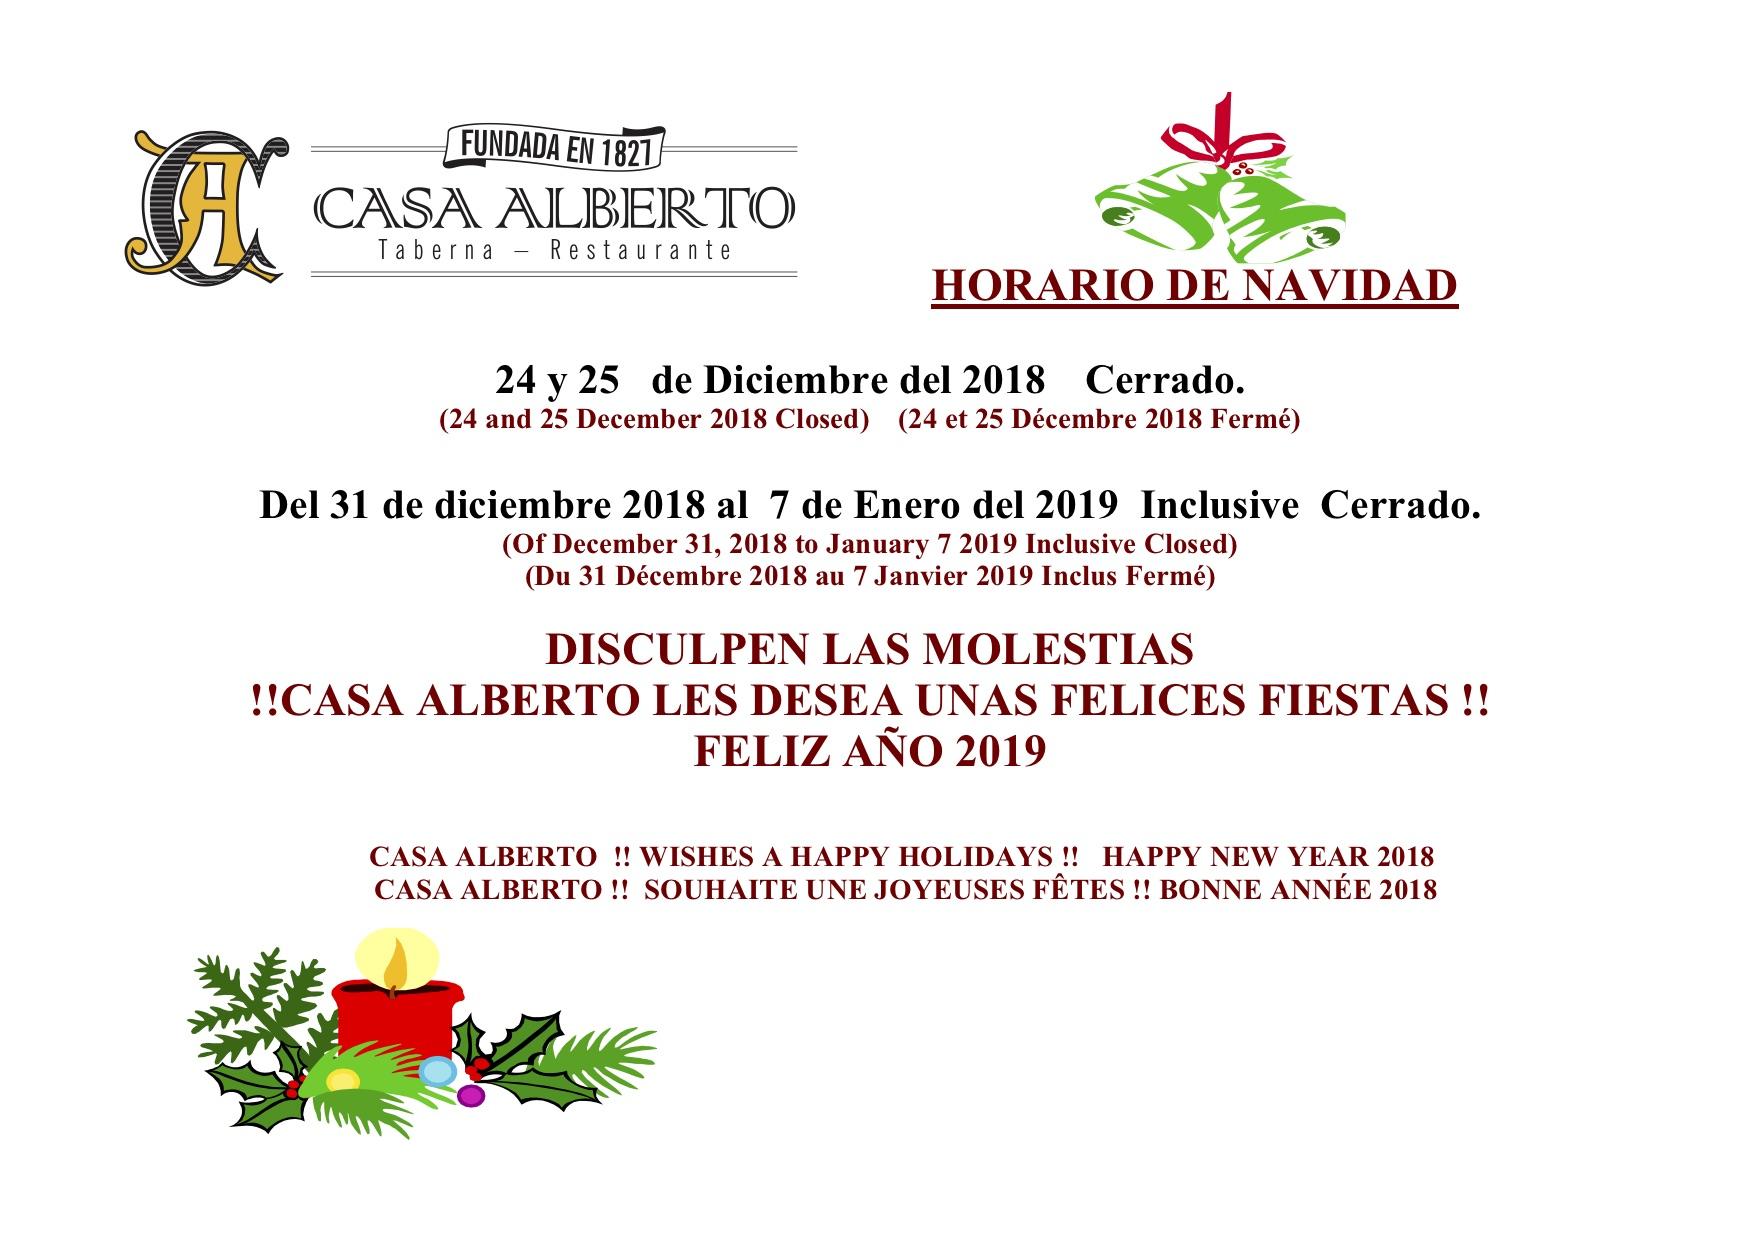 HORARIO DE NAVIDAD 2018